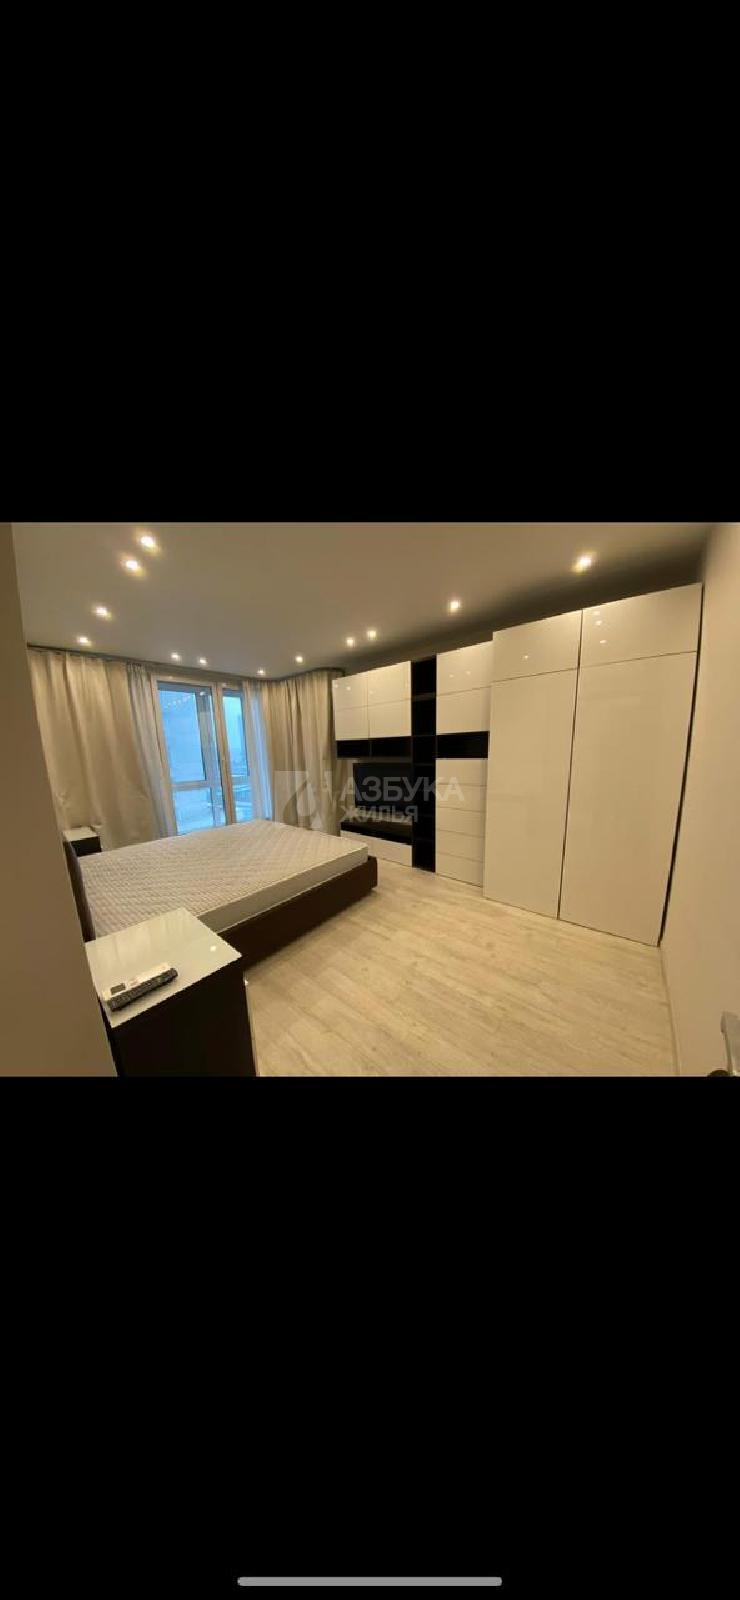 Фото №2 - 2-комнатная квартира, Москва, Хорошевское шоссе 12 корпус 1, метро Беговая